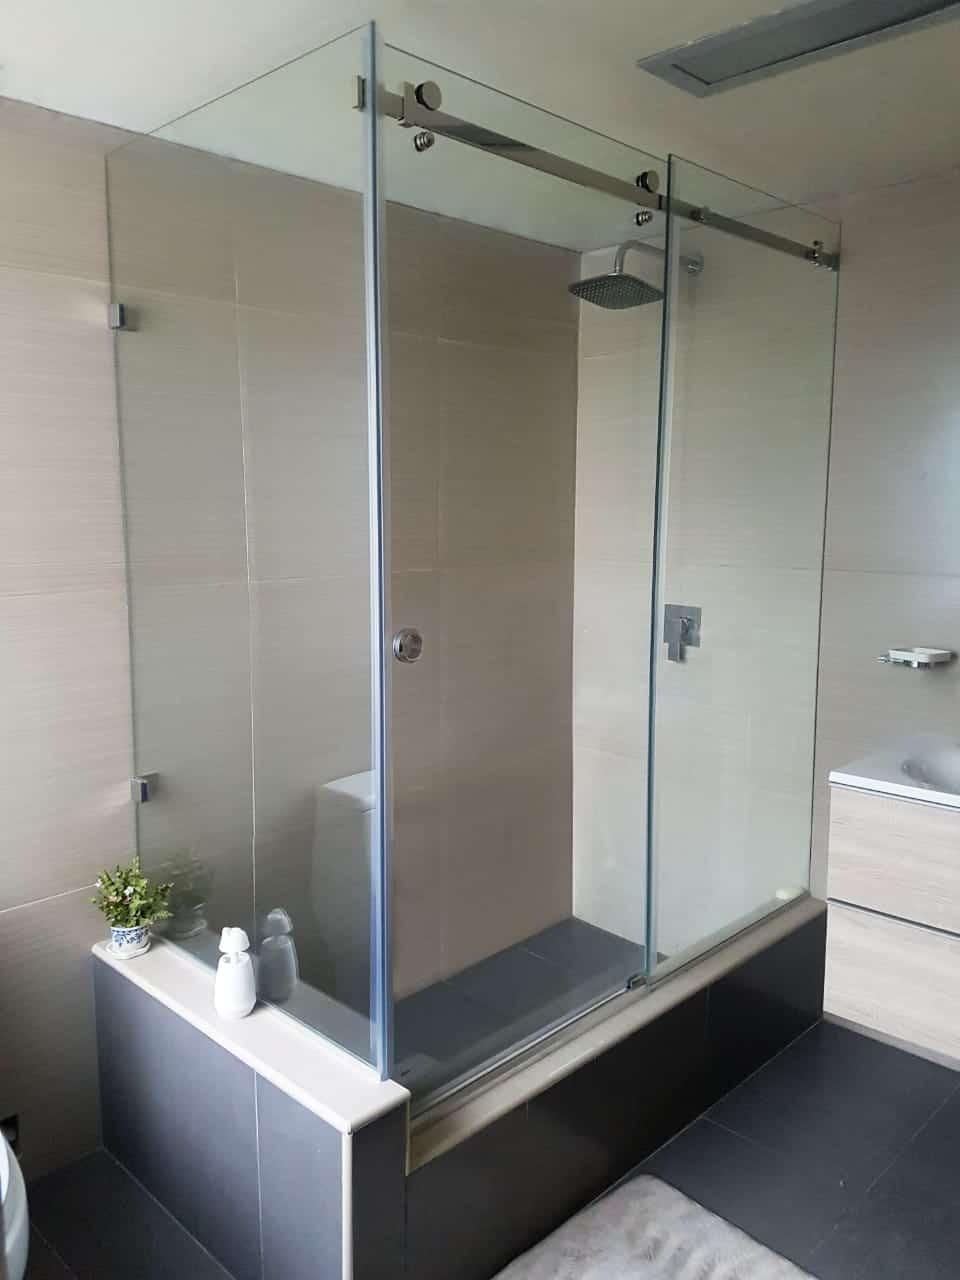 division de baño premium 13 (1)